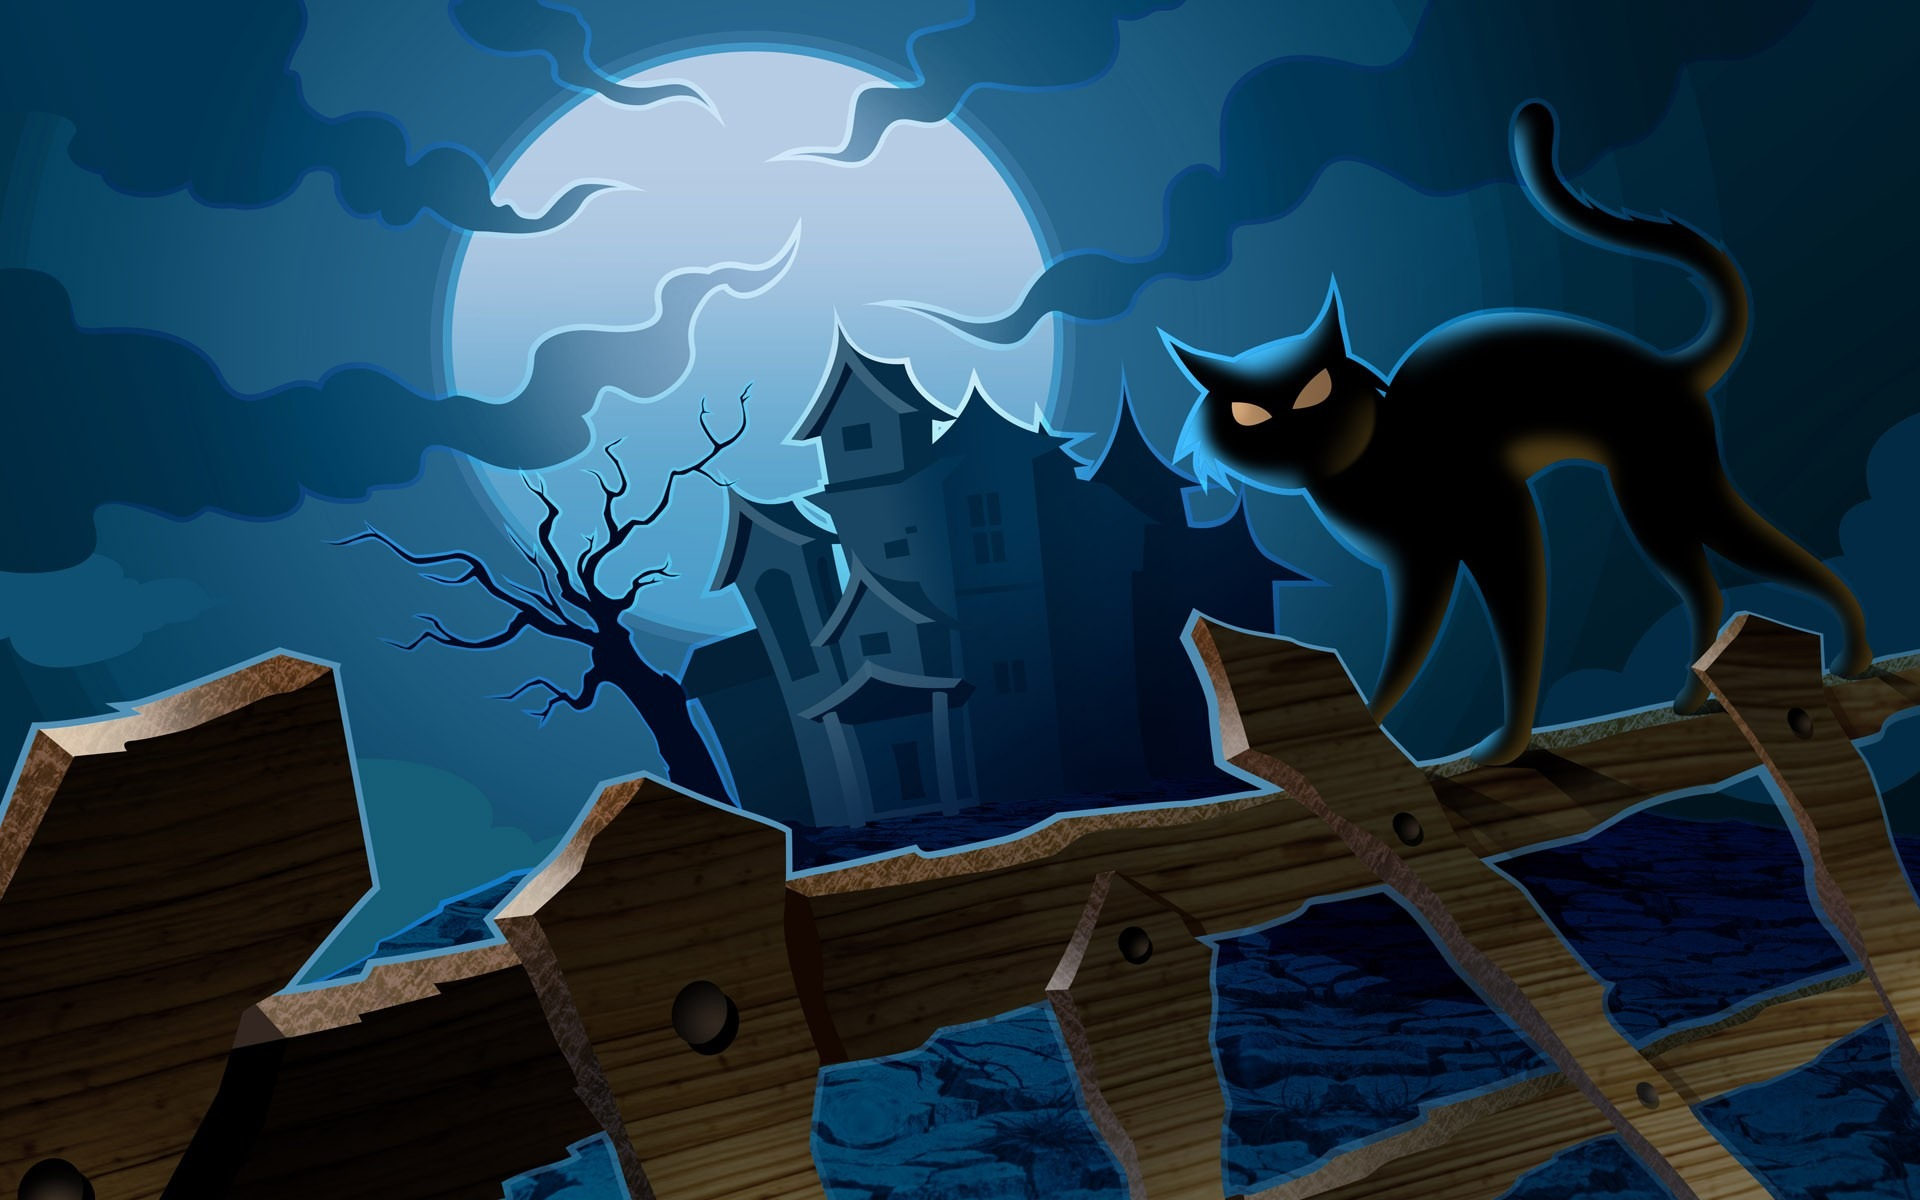 月明かりの城と野生の猫 ハロウィンの壁紙イラストデザインプレビュー 10wallpaper Com